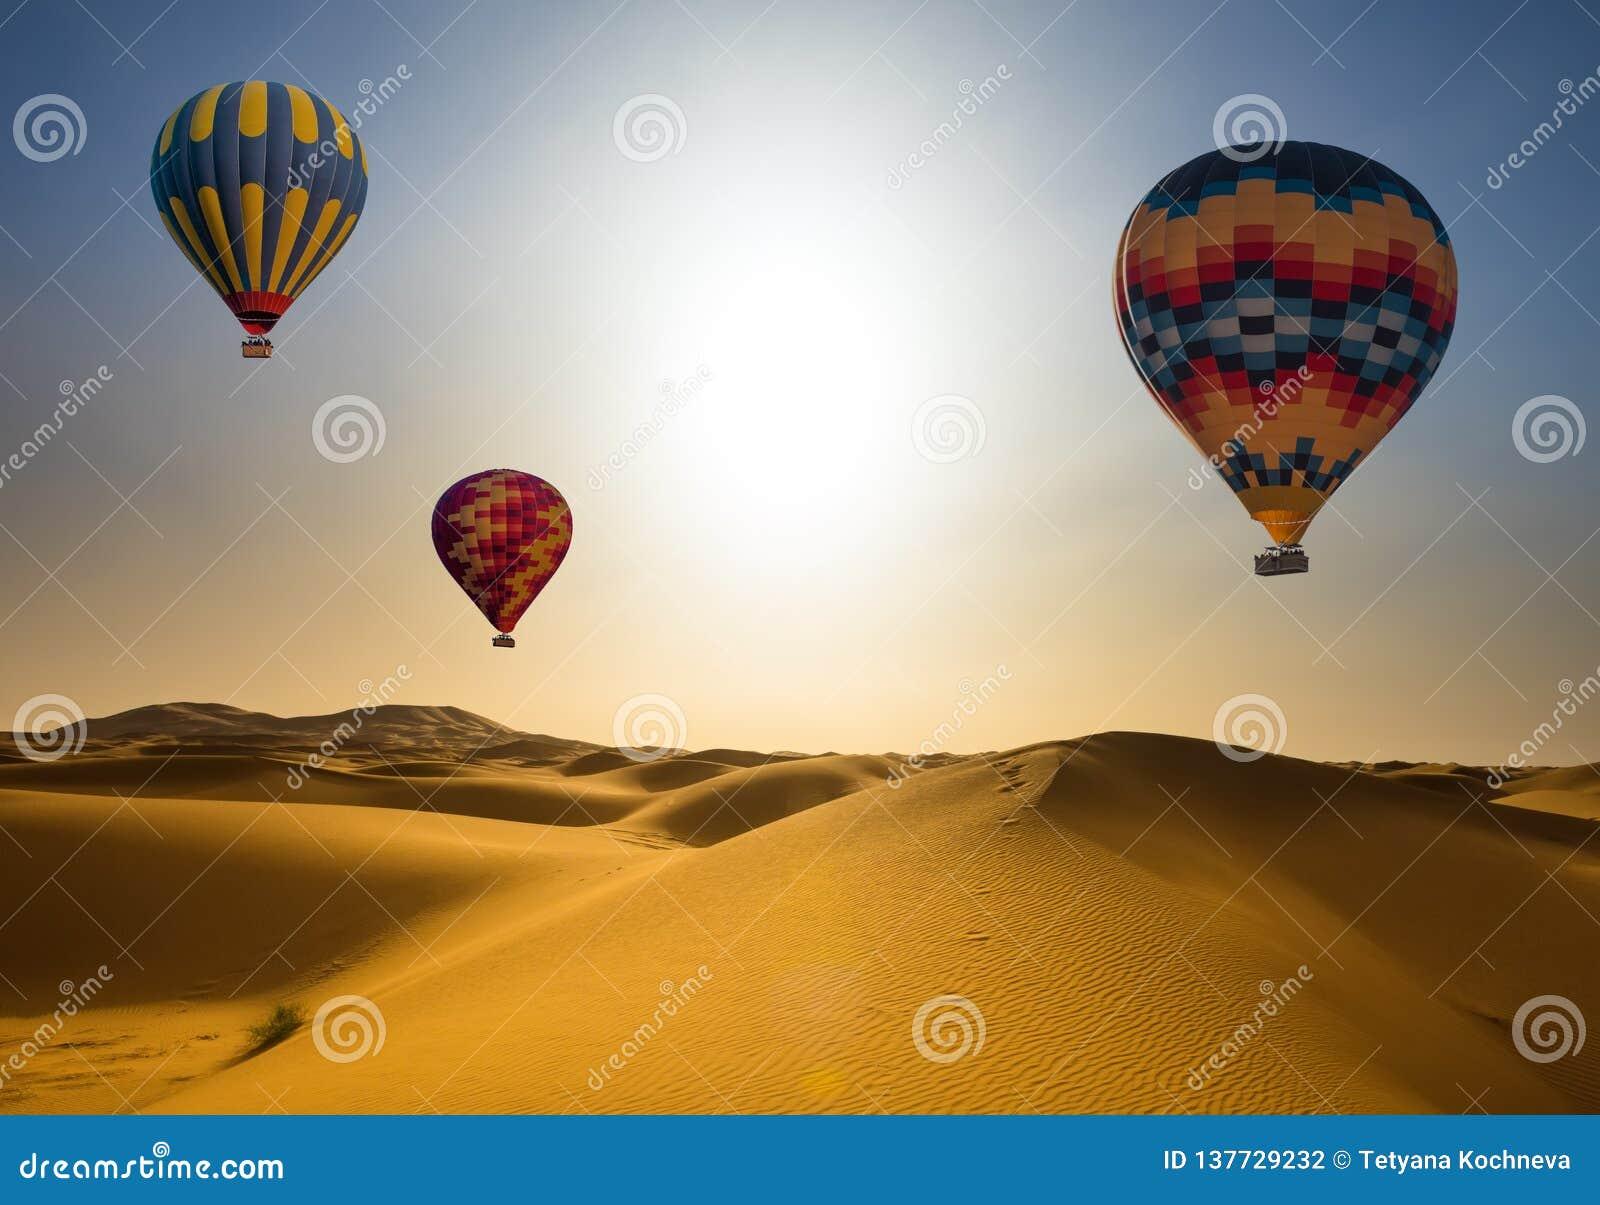 Le désert et le ballon à air chaud aménagent en parc au lever de soleil